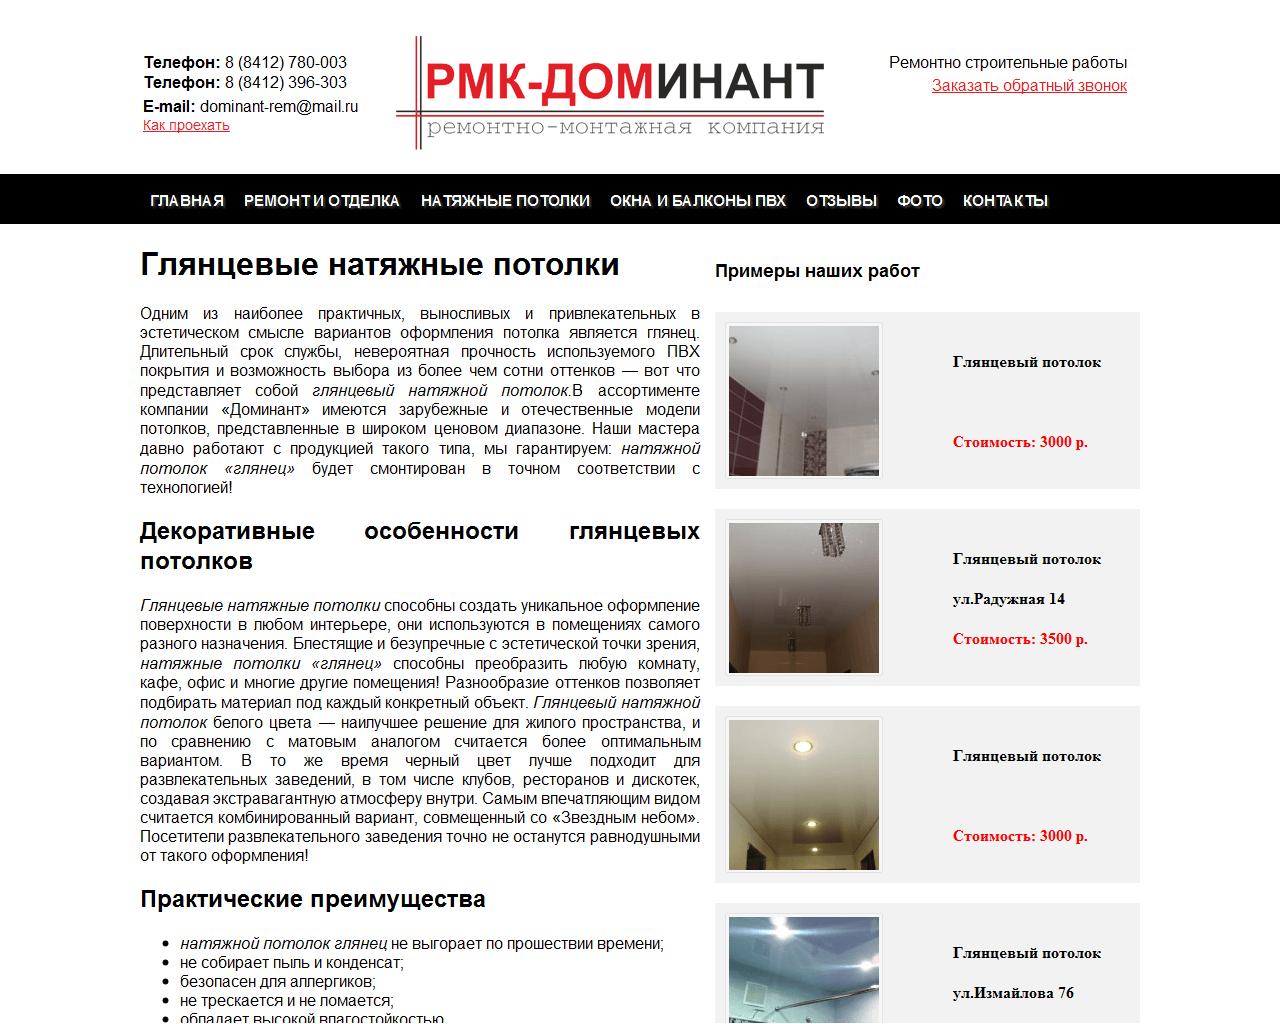 Компания «Рмк-Доминант» Пенза